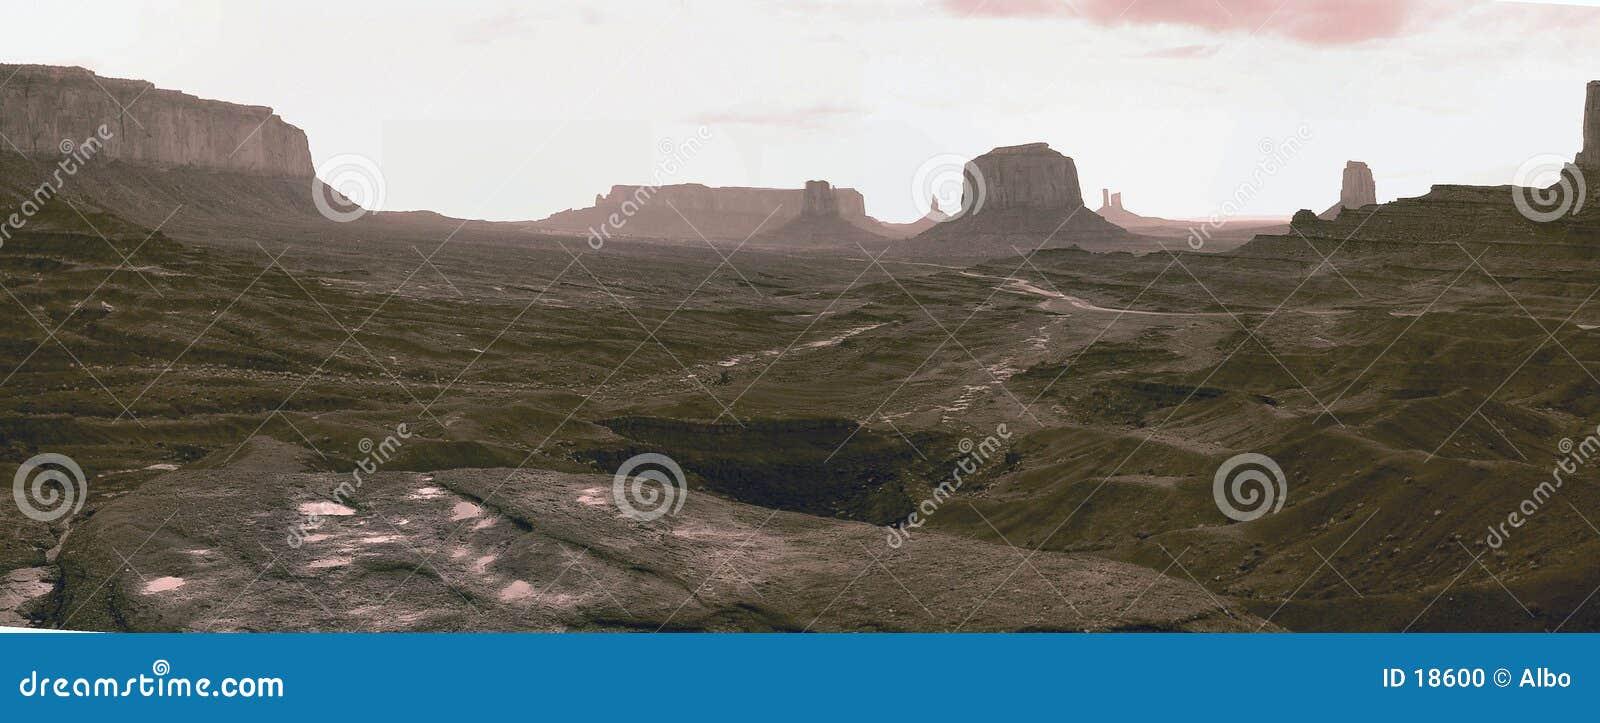 Pano do vale do monumento